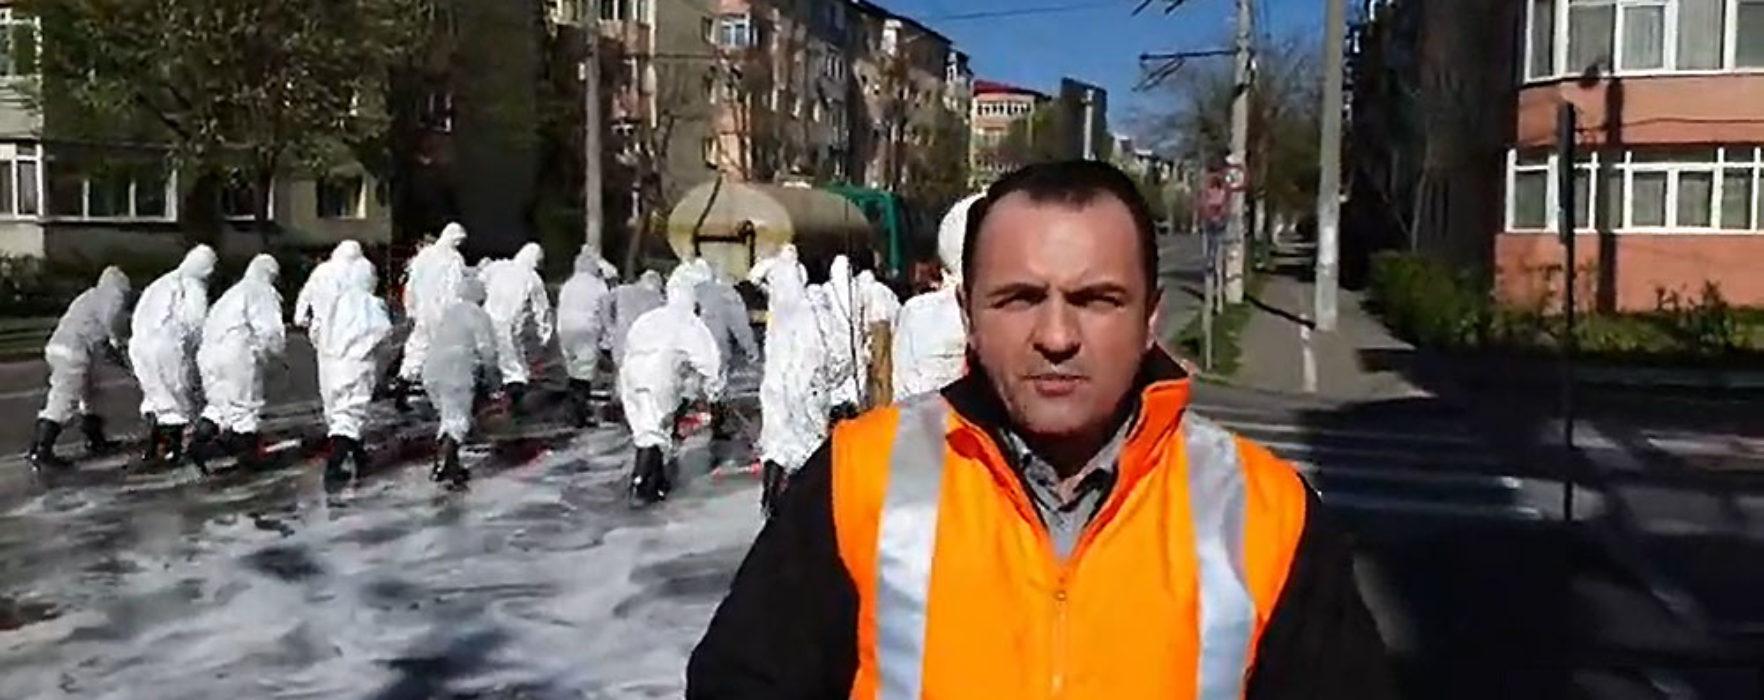 Târgovişte: Acţiune de igienizare în forţă în municipiu, fiecare stradă e spălată (video)